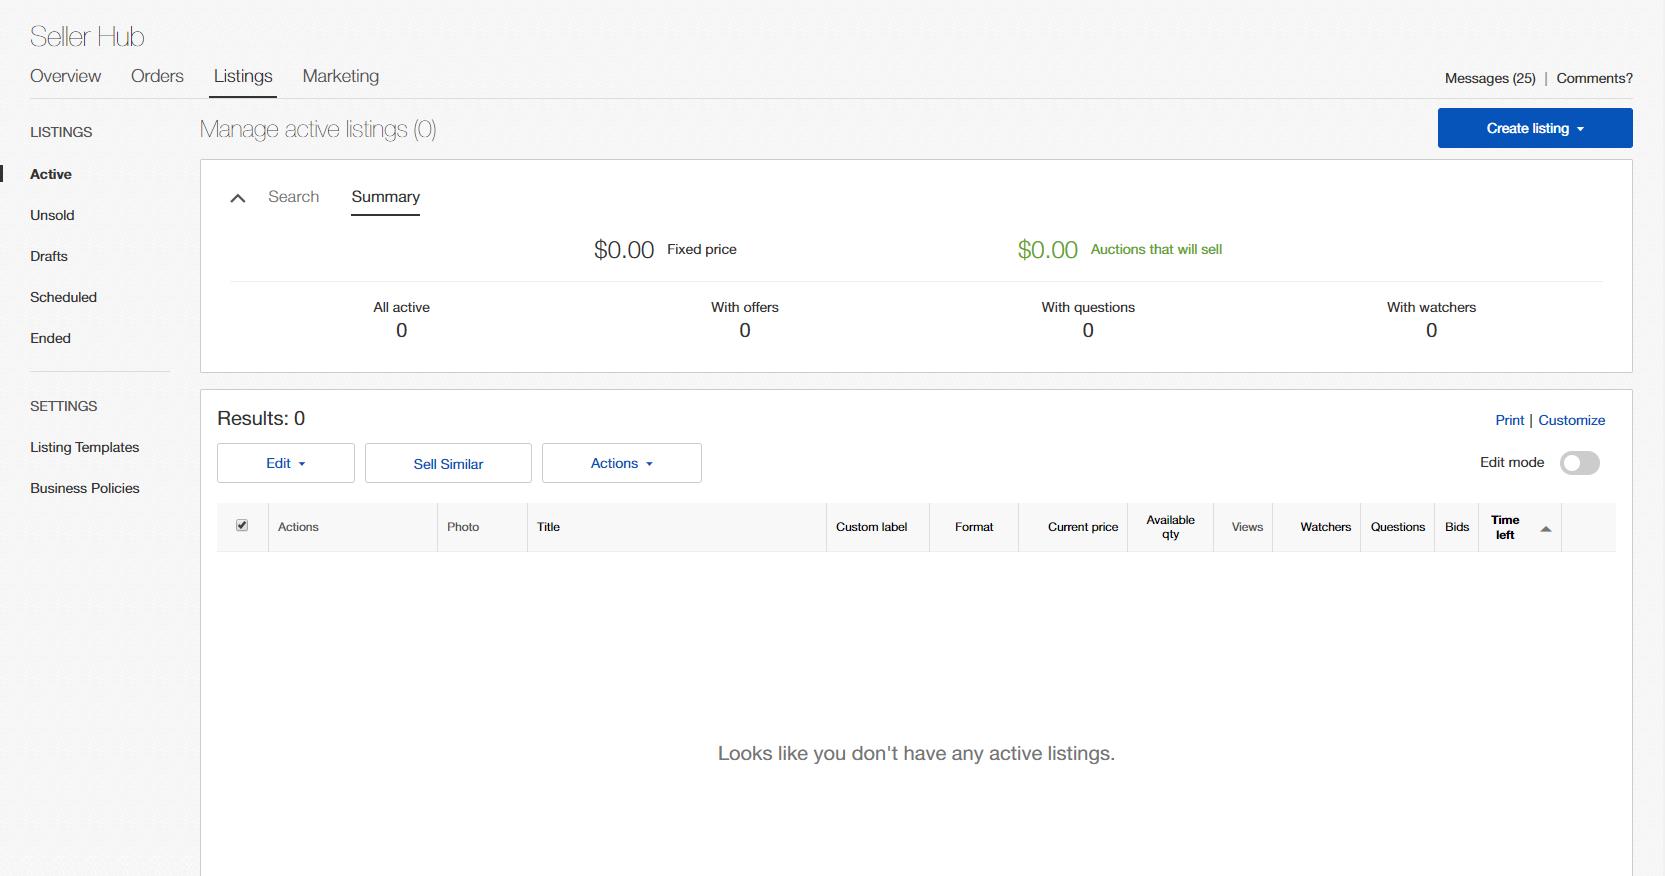 Seller Hub Listings tab